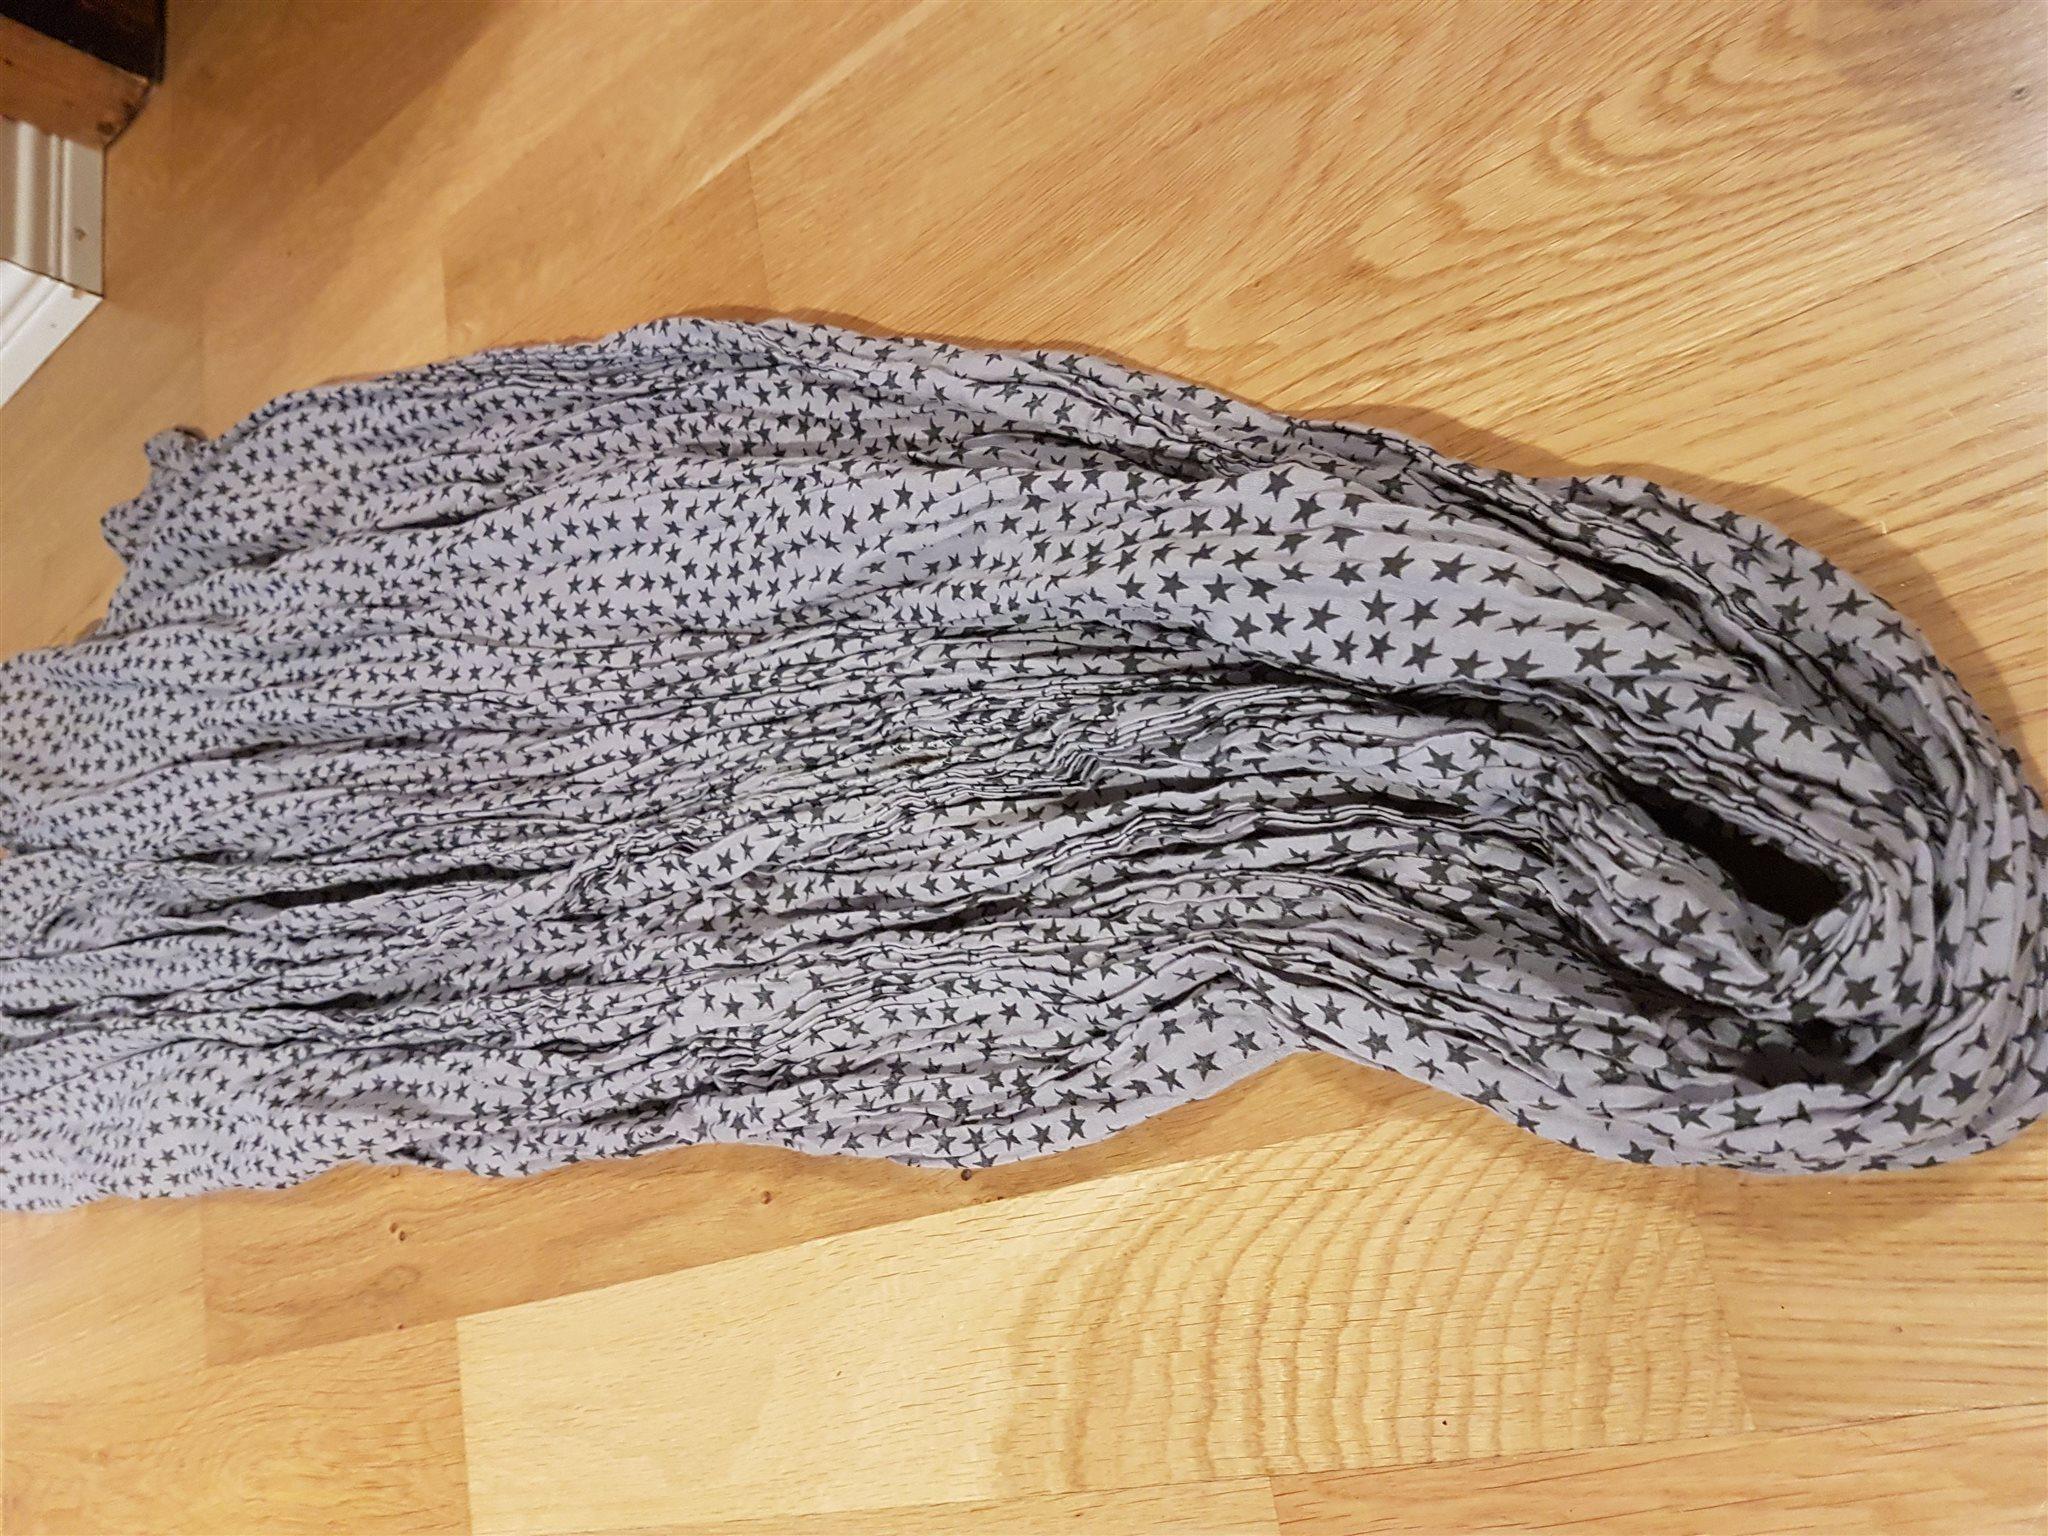 Beck söndergaard sjal halsduk med stjärnor (334255476) ᐈ Köp på Tradera 746e5a1233910